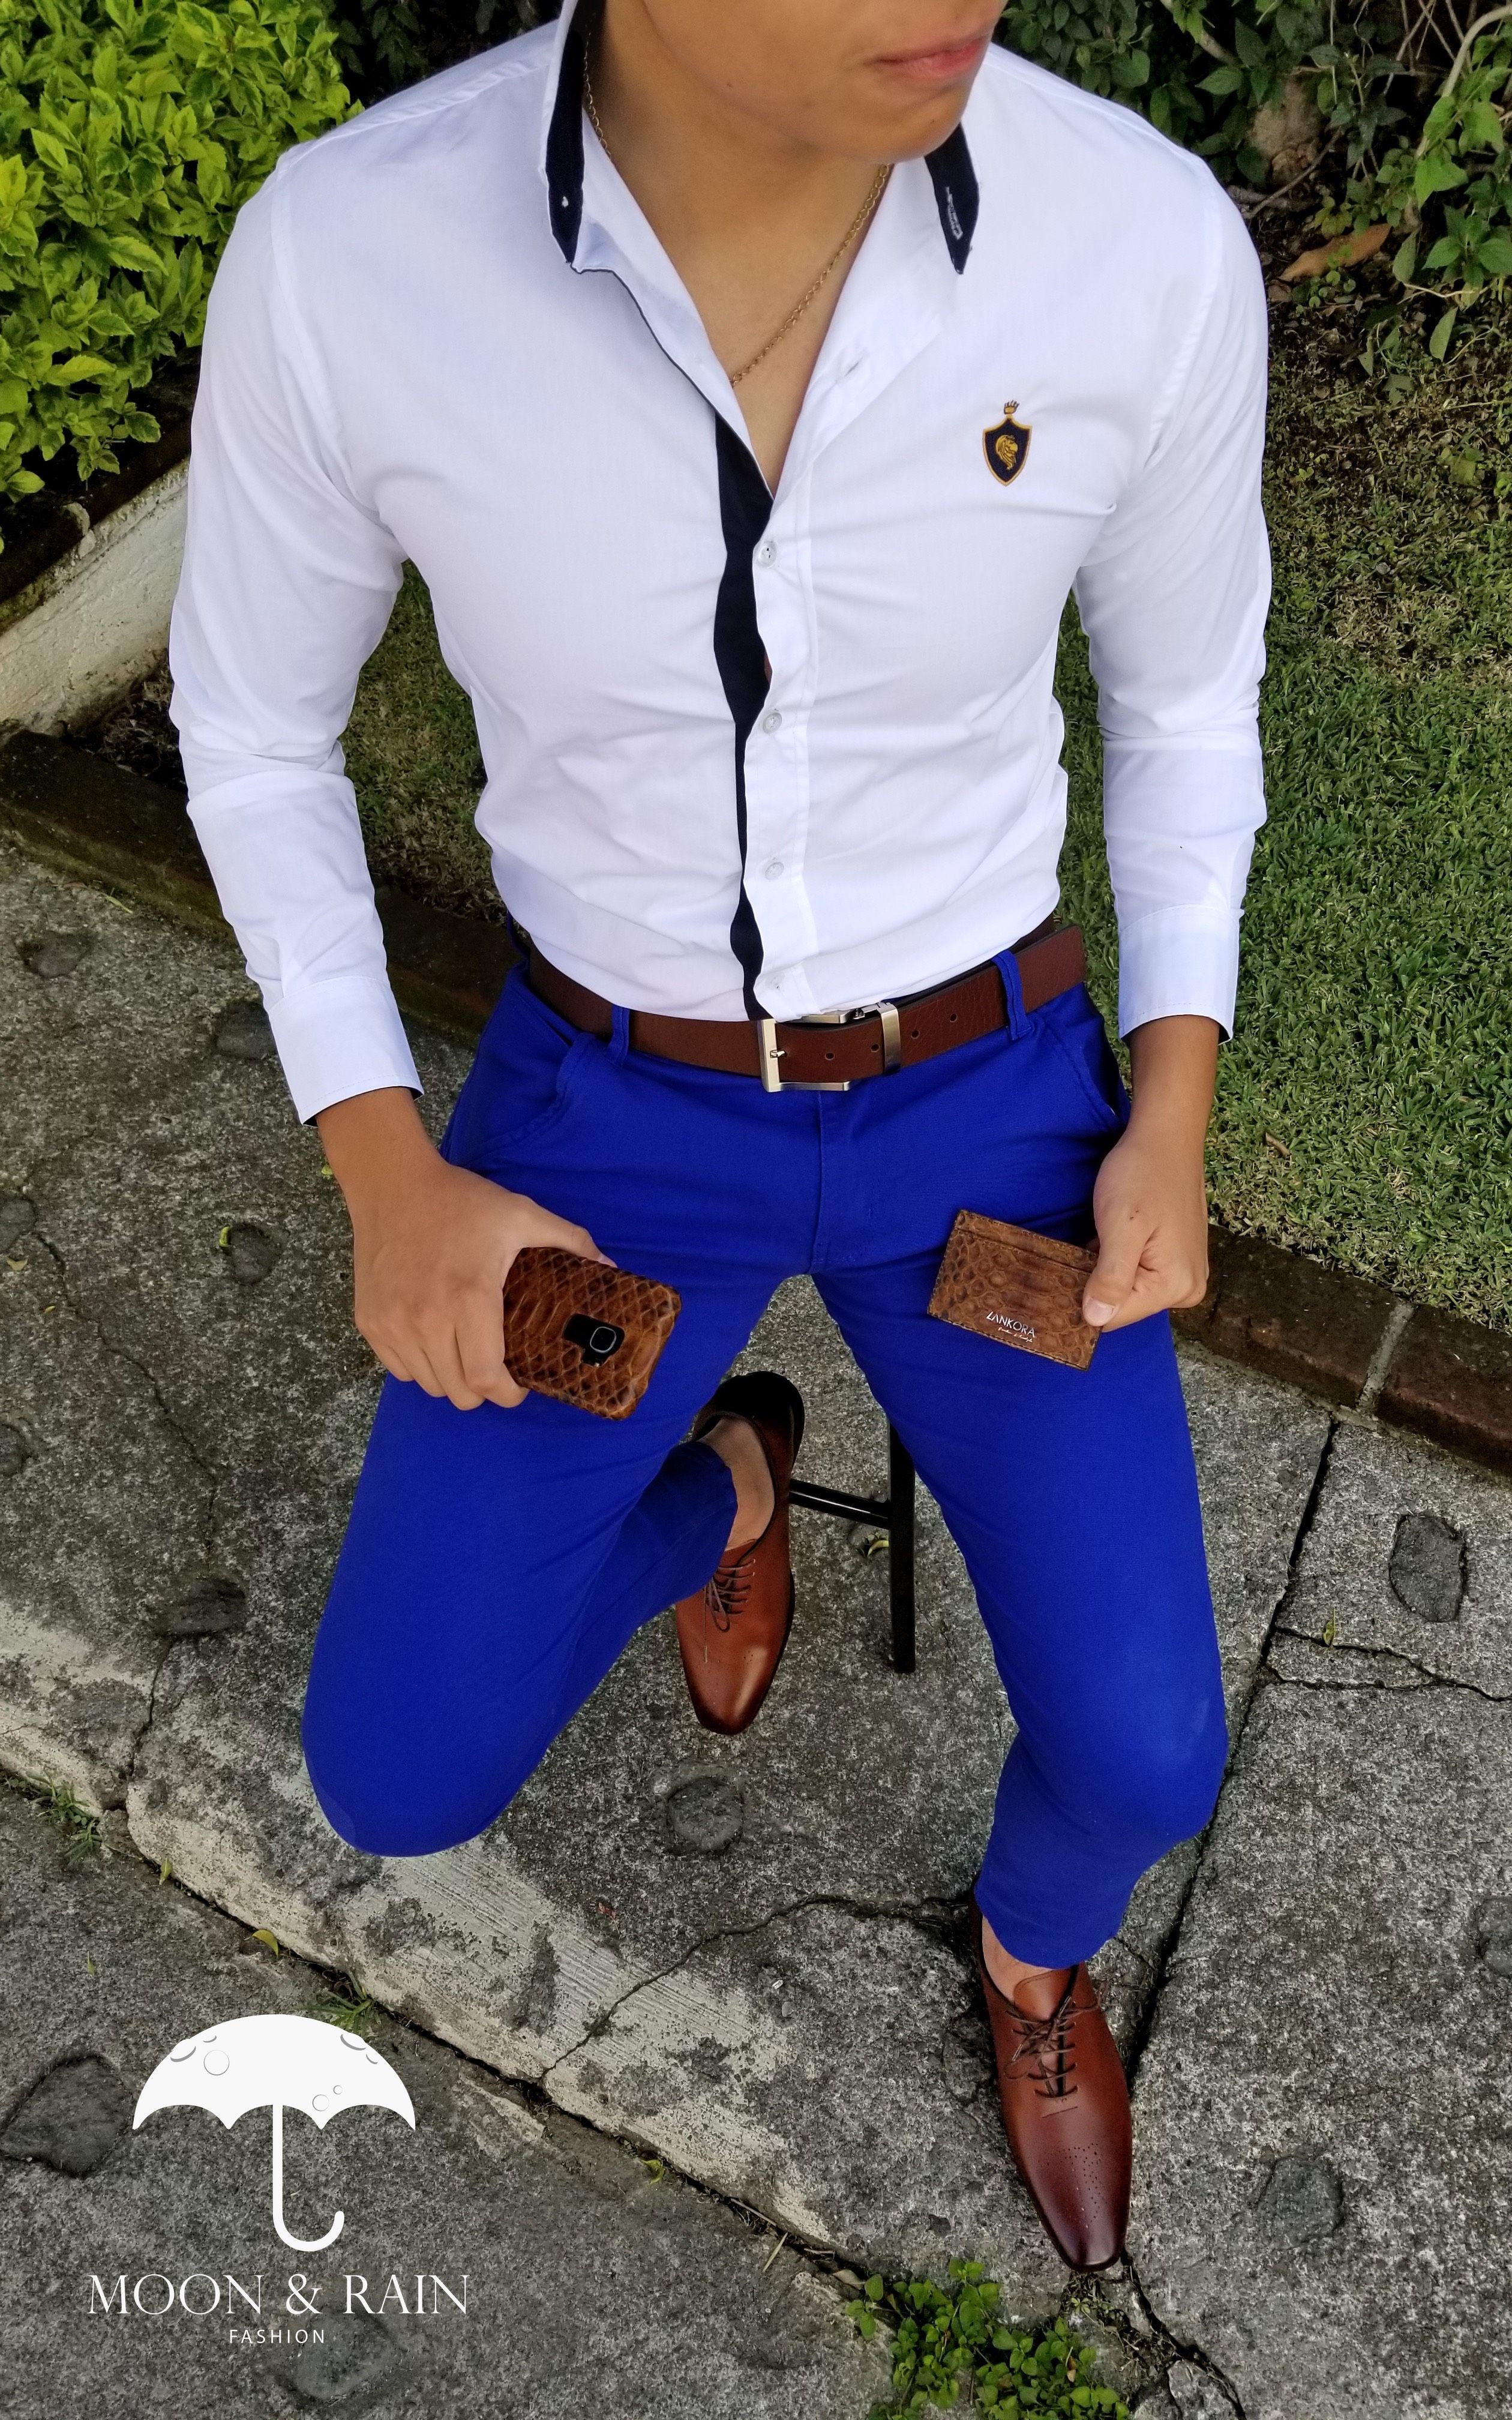 Outfit Para Hombre Compuesto Por Pantalon De Gabardina Azul Rey Cinturon Y Zapatos Ca Vestimenta Semiformal Hombre Combinacion De Ropa Hombre Moda Ropa Hombre